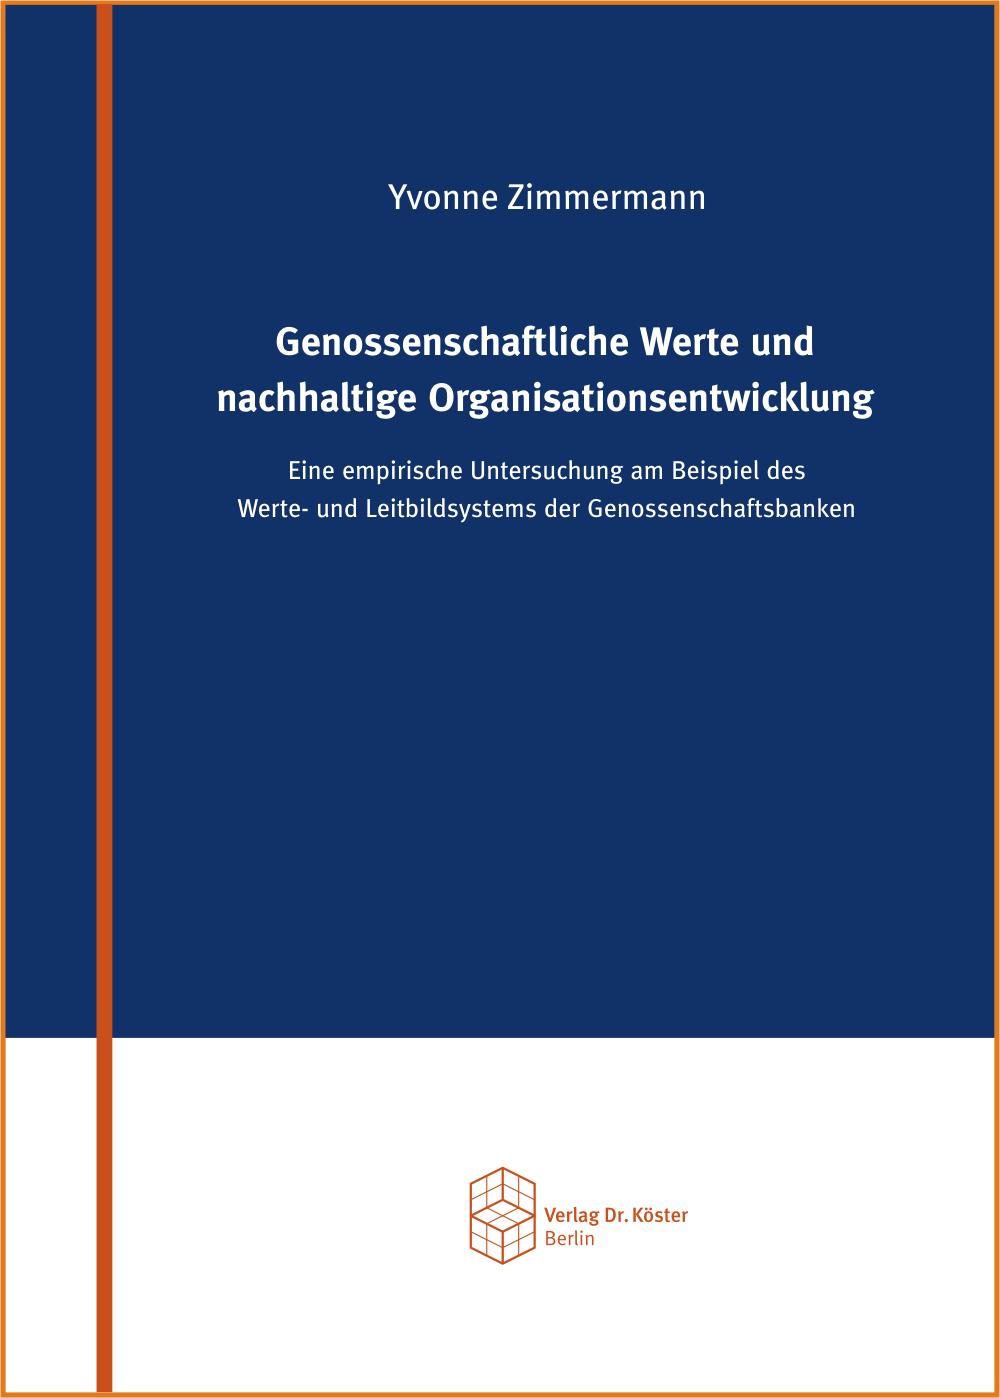 Buchcover - Zimmermann Genossenschaftliche Werte und nachhaltige Organisationsentwicklung - ISBN 978-3-89574-928-5 - Verlag Dr. Köster